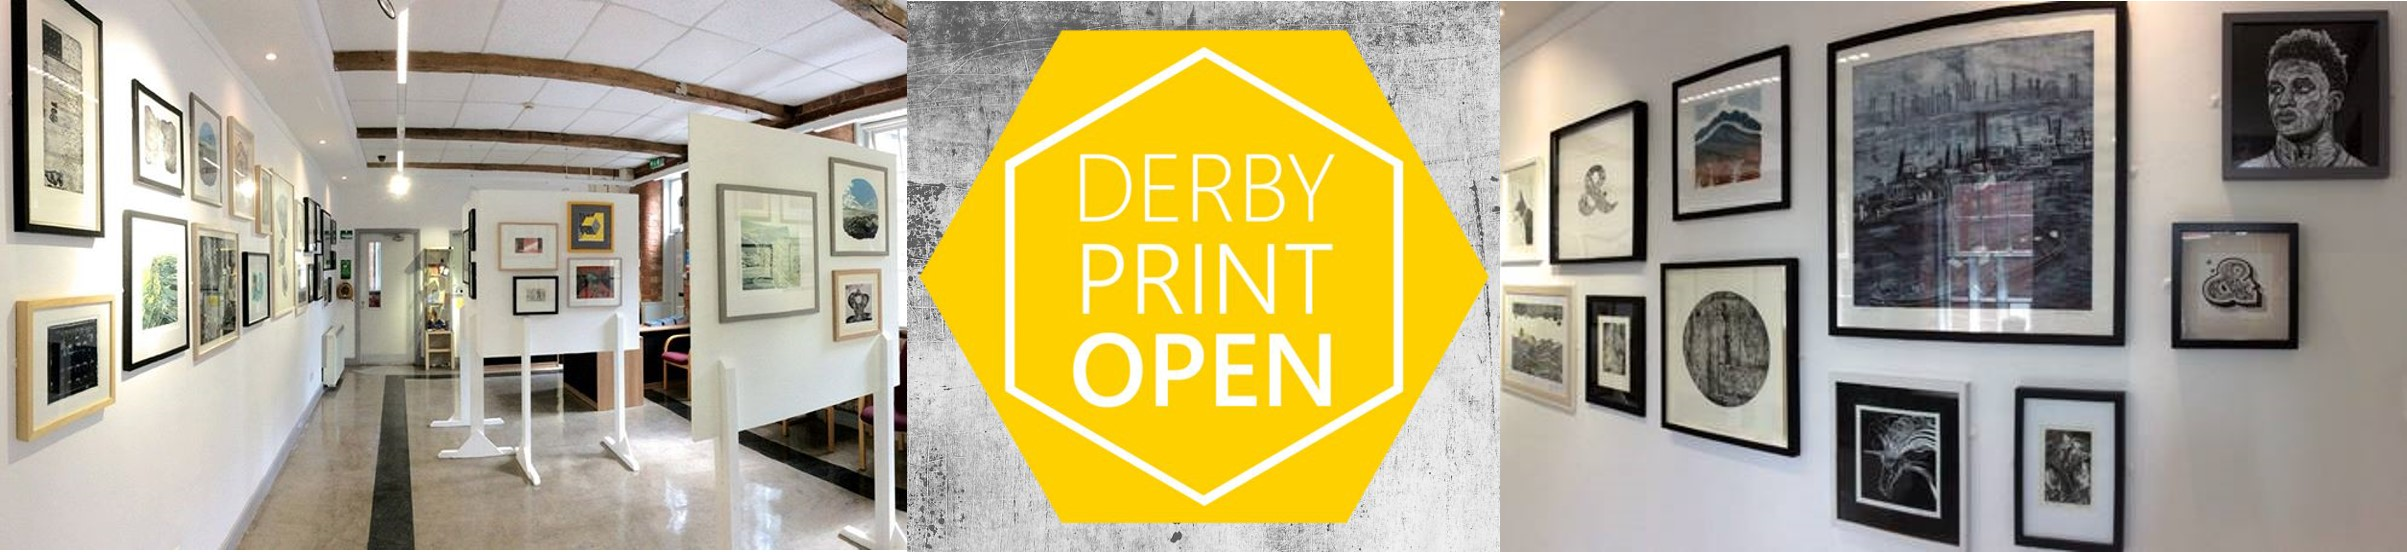 Derby Print Open